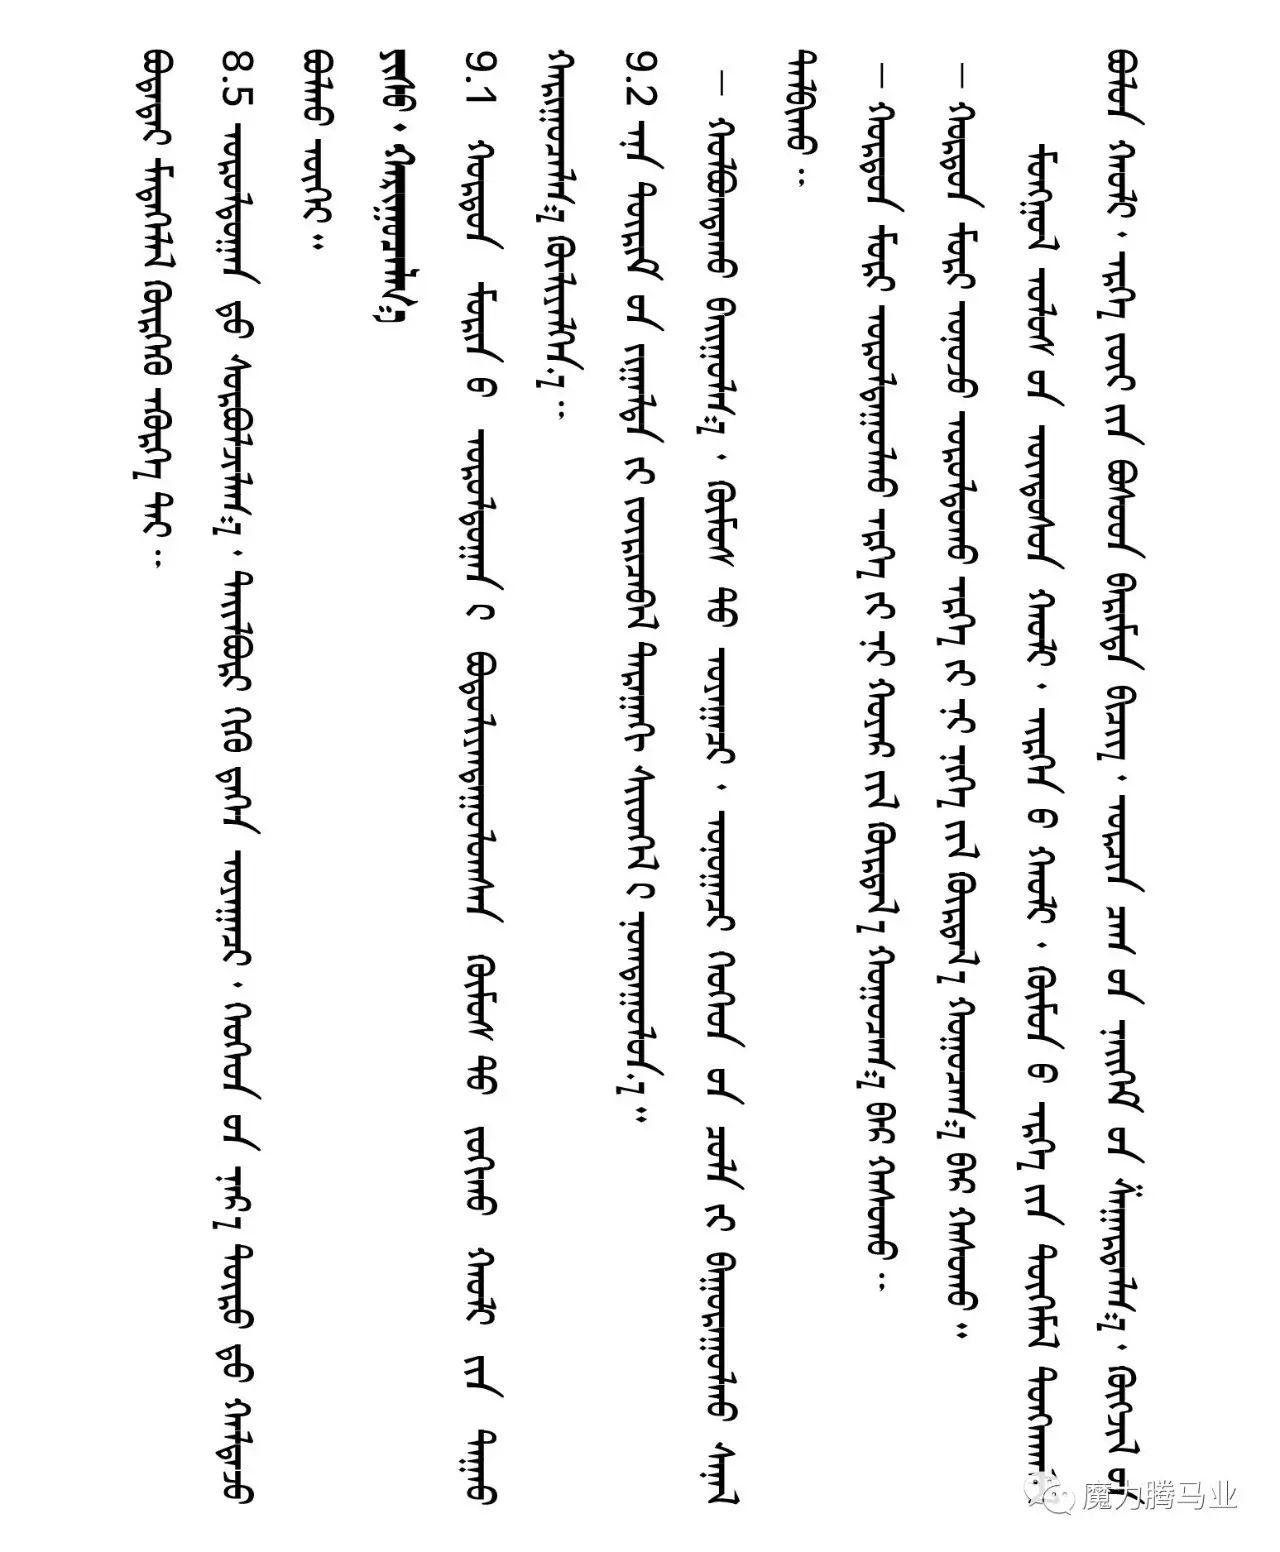 蒙古国赛马章程介绍 第43张 蒙古国赛马章程介绍 蒙古文库